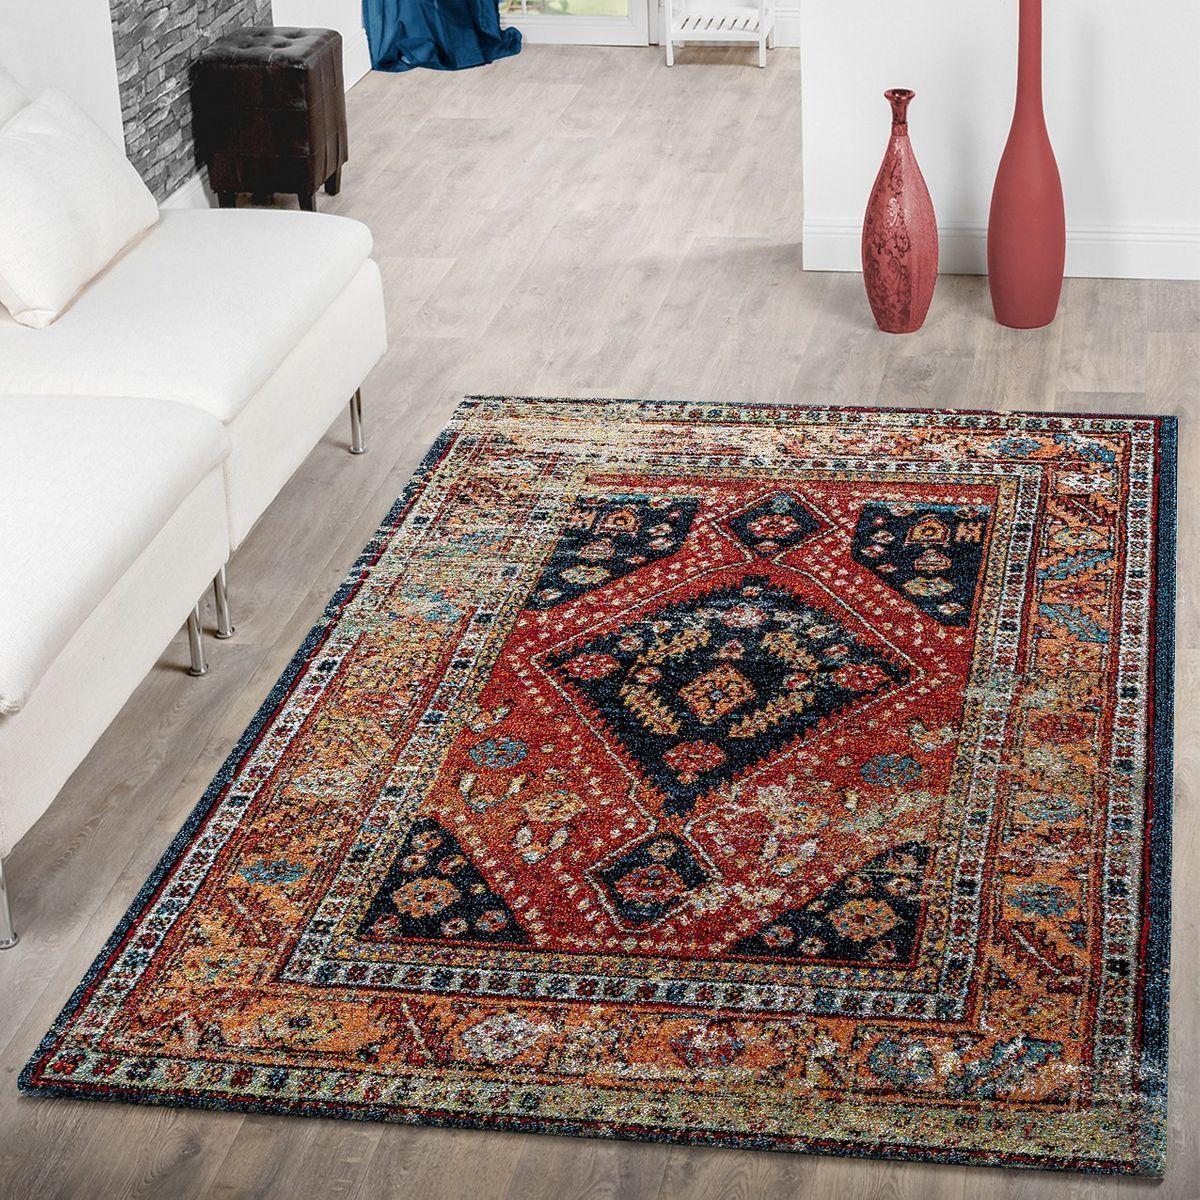 Teppich Modern Orientalisch Schwarz Mehrfarbig Wohnzimmer Teppiche Teppiche In 2020 Wohnzimmer Orientalisch Teppich Wohnzimmer Teppich